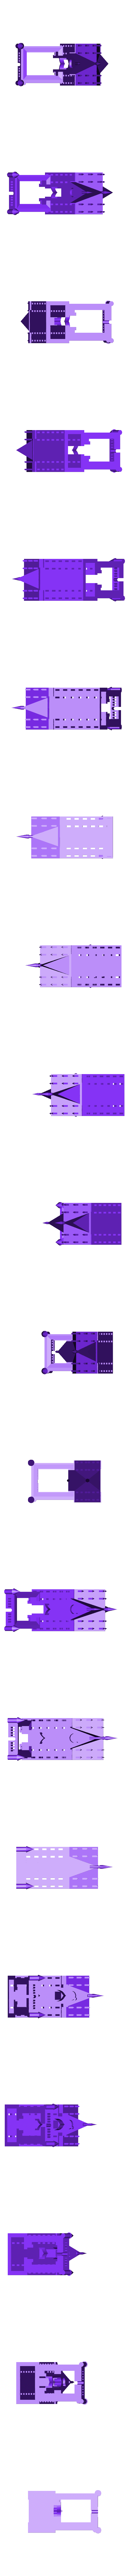 Clock_tower.STL Télécharger fichier STL gratuit École Poudlard • Plan imprimable en 3D, Urgnarb